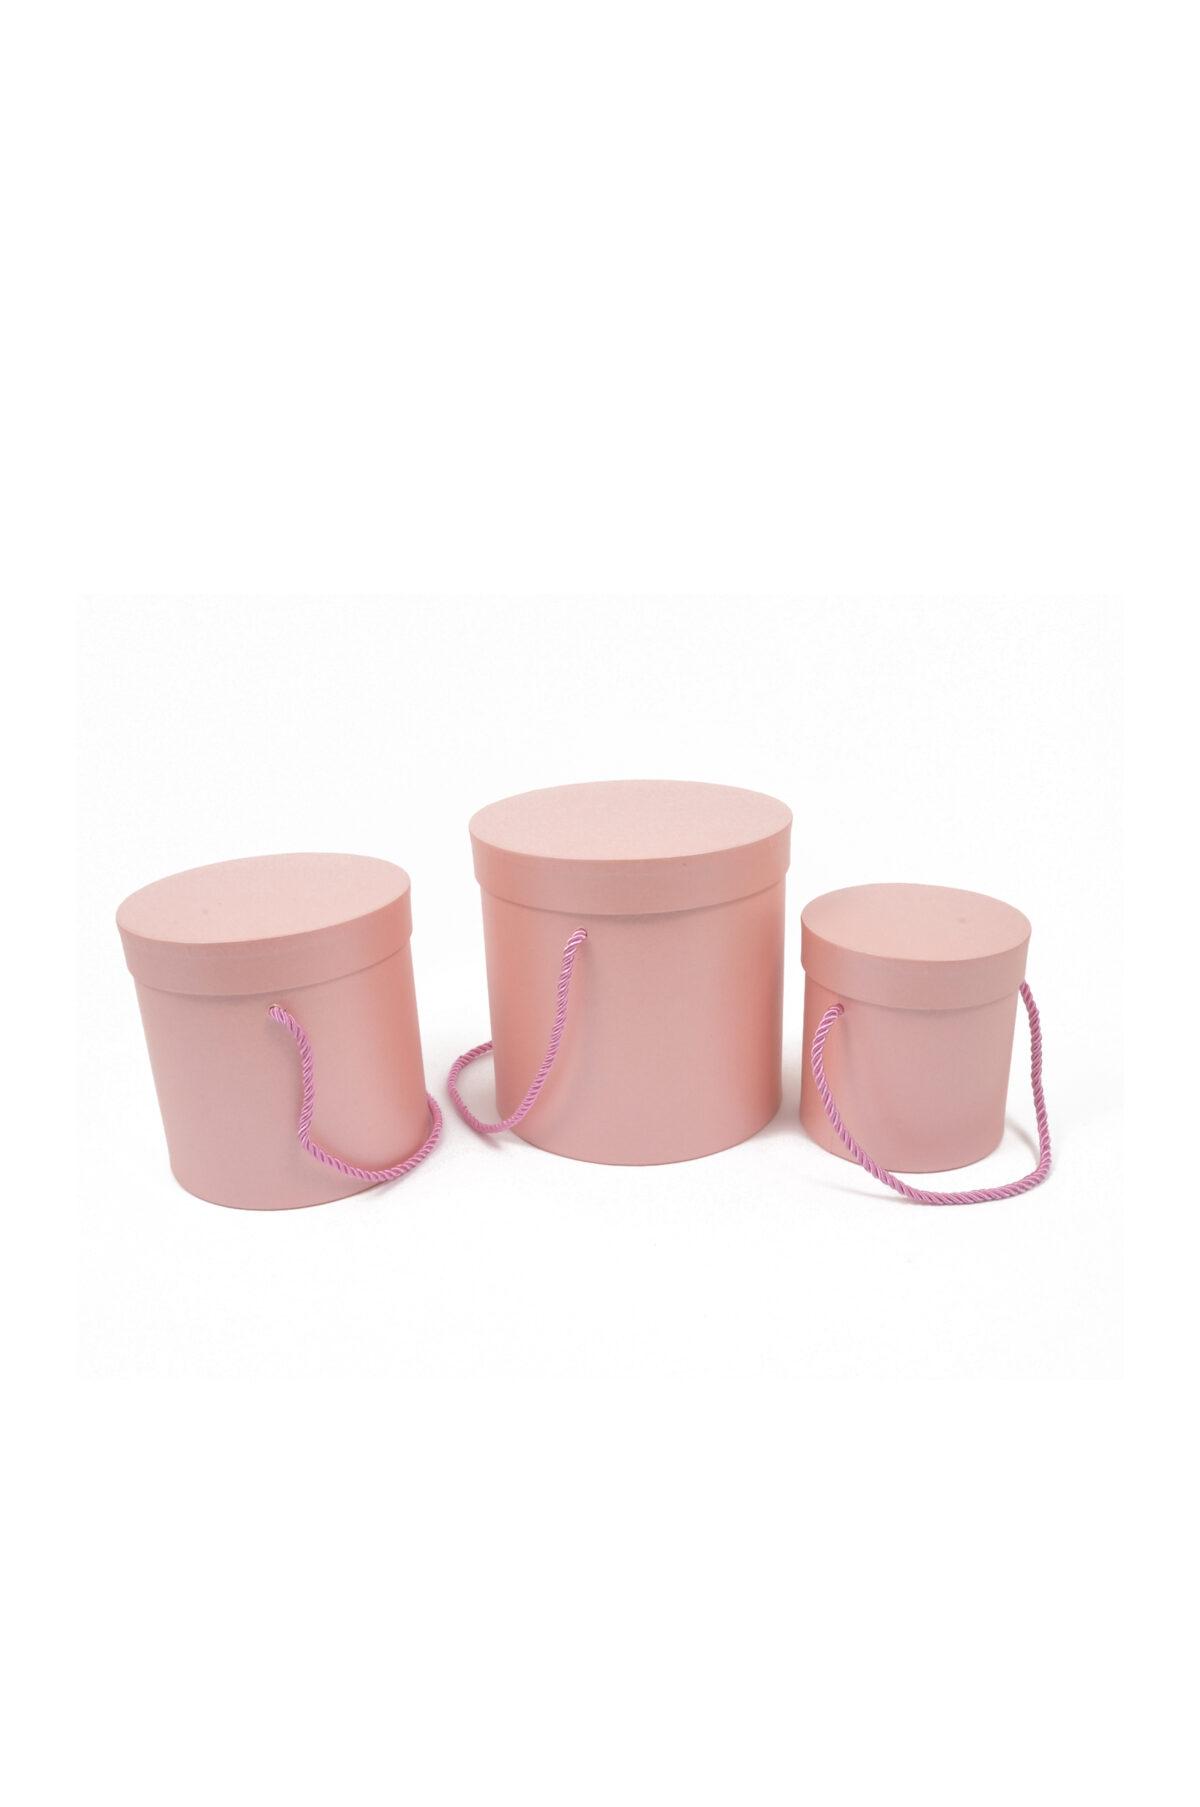 Set 3 Scatole regalo – Flower Box Tonde in cartoncino rigido con manici in corda colore rosa Gr. 18x18; Med. 16x16; Pic.: 14x14 cm